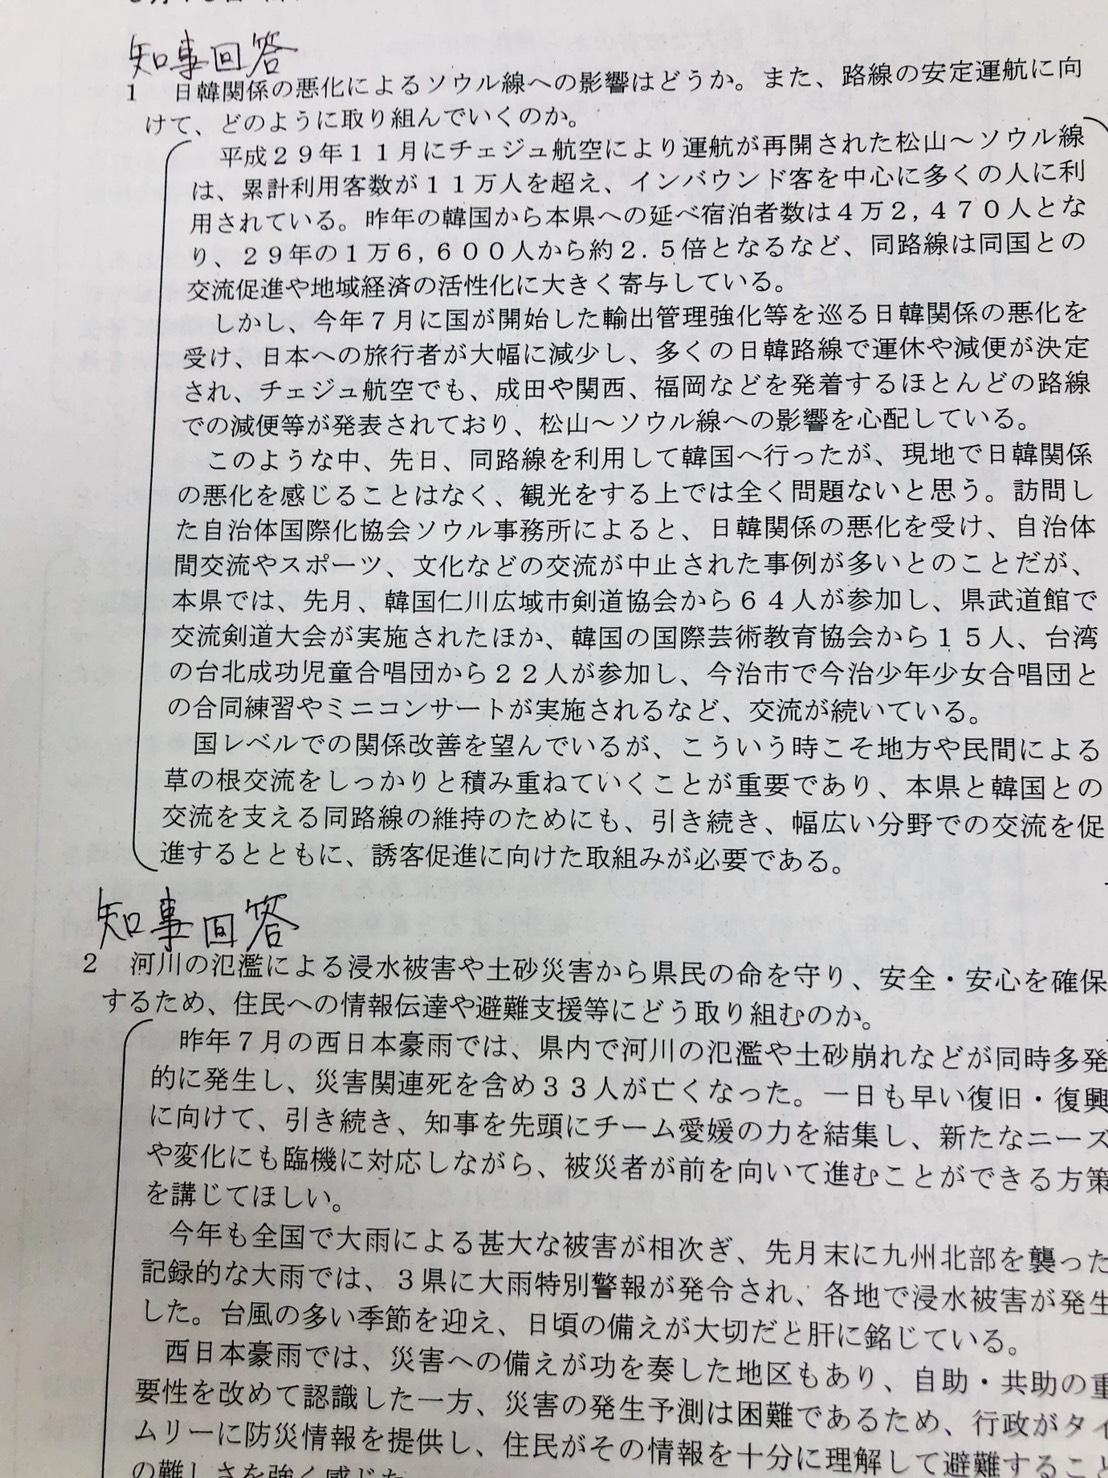 【愛媛県議会 9/19】